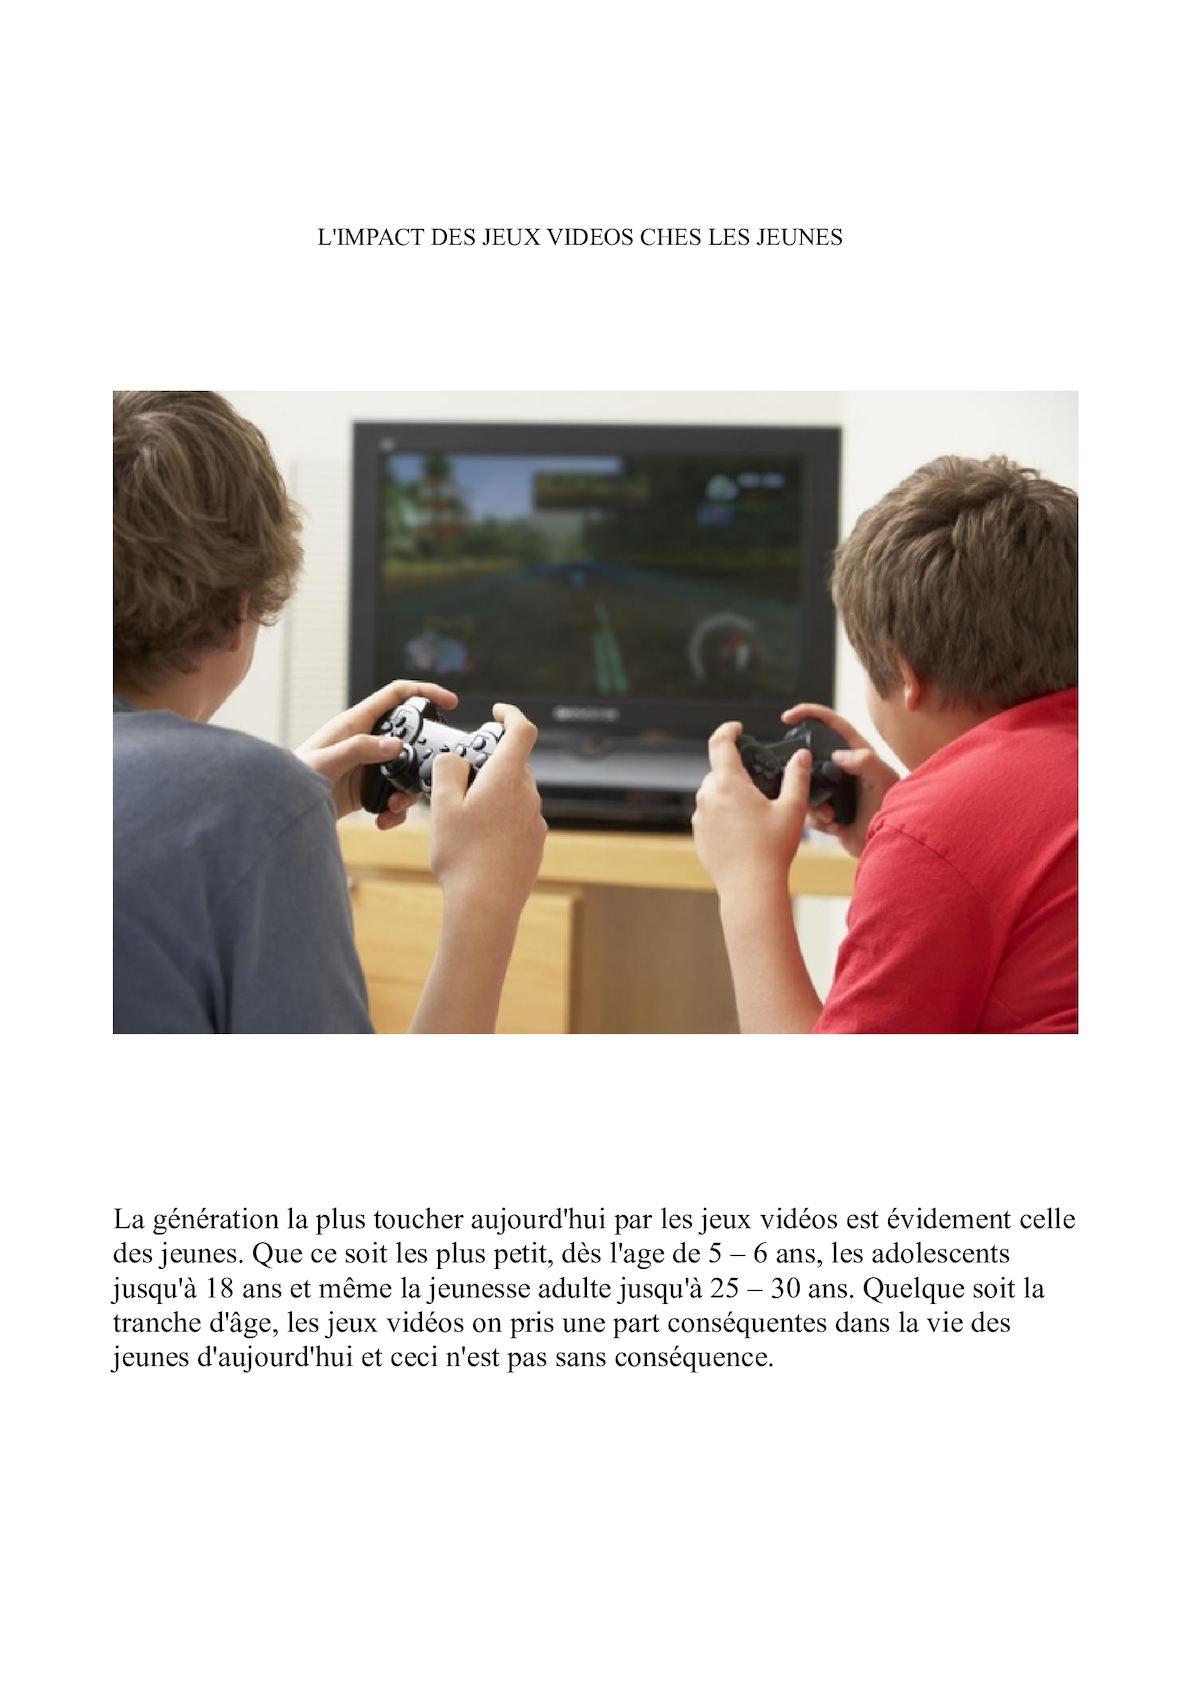 Calaméo - Impacte Jeux Video Diaporama concernant Jeux Video 5 Ans